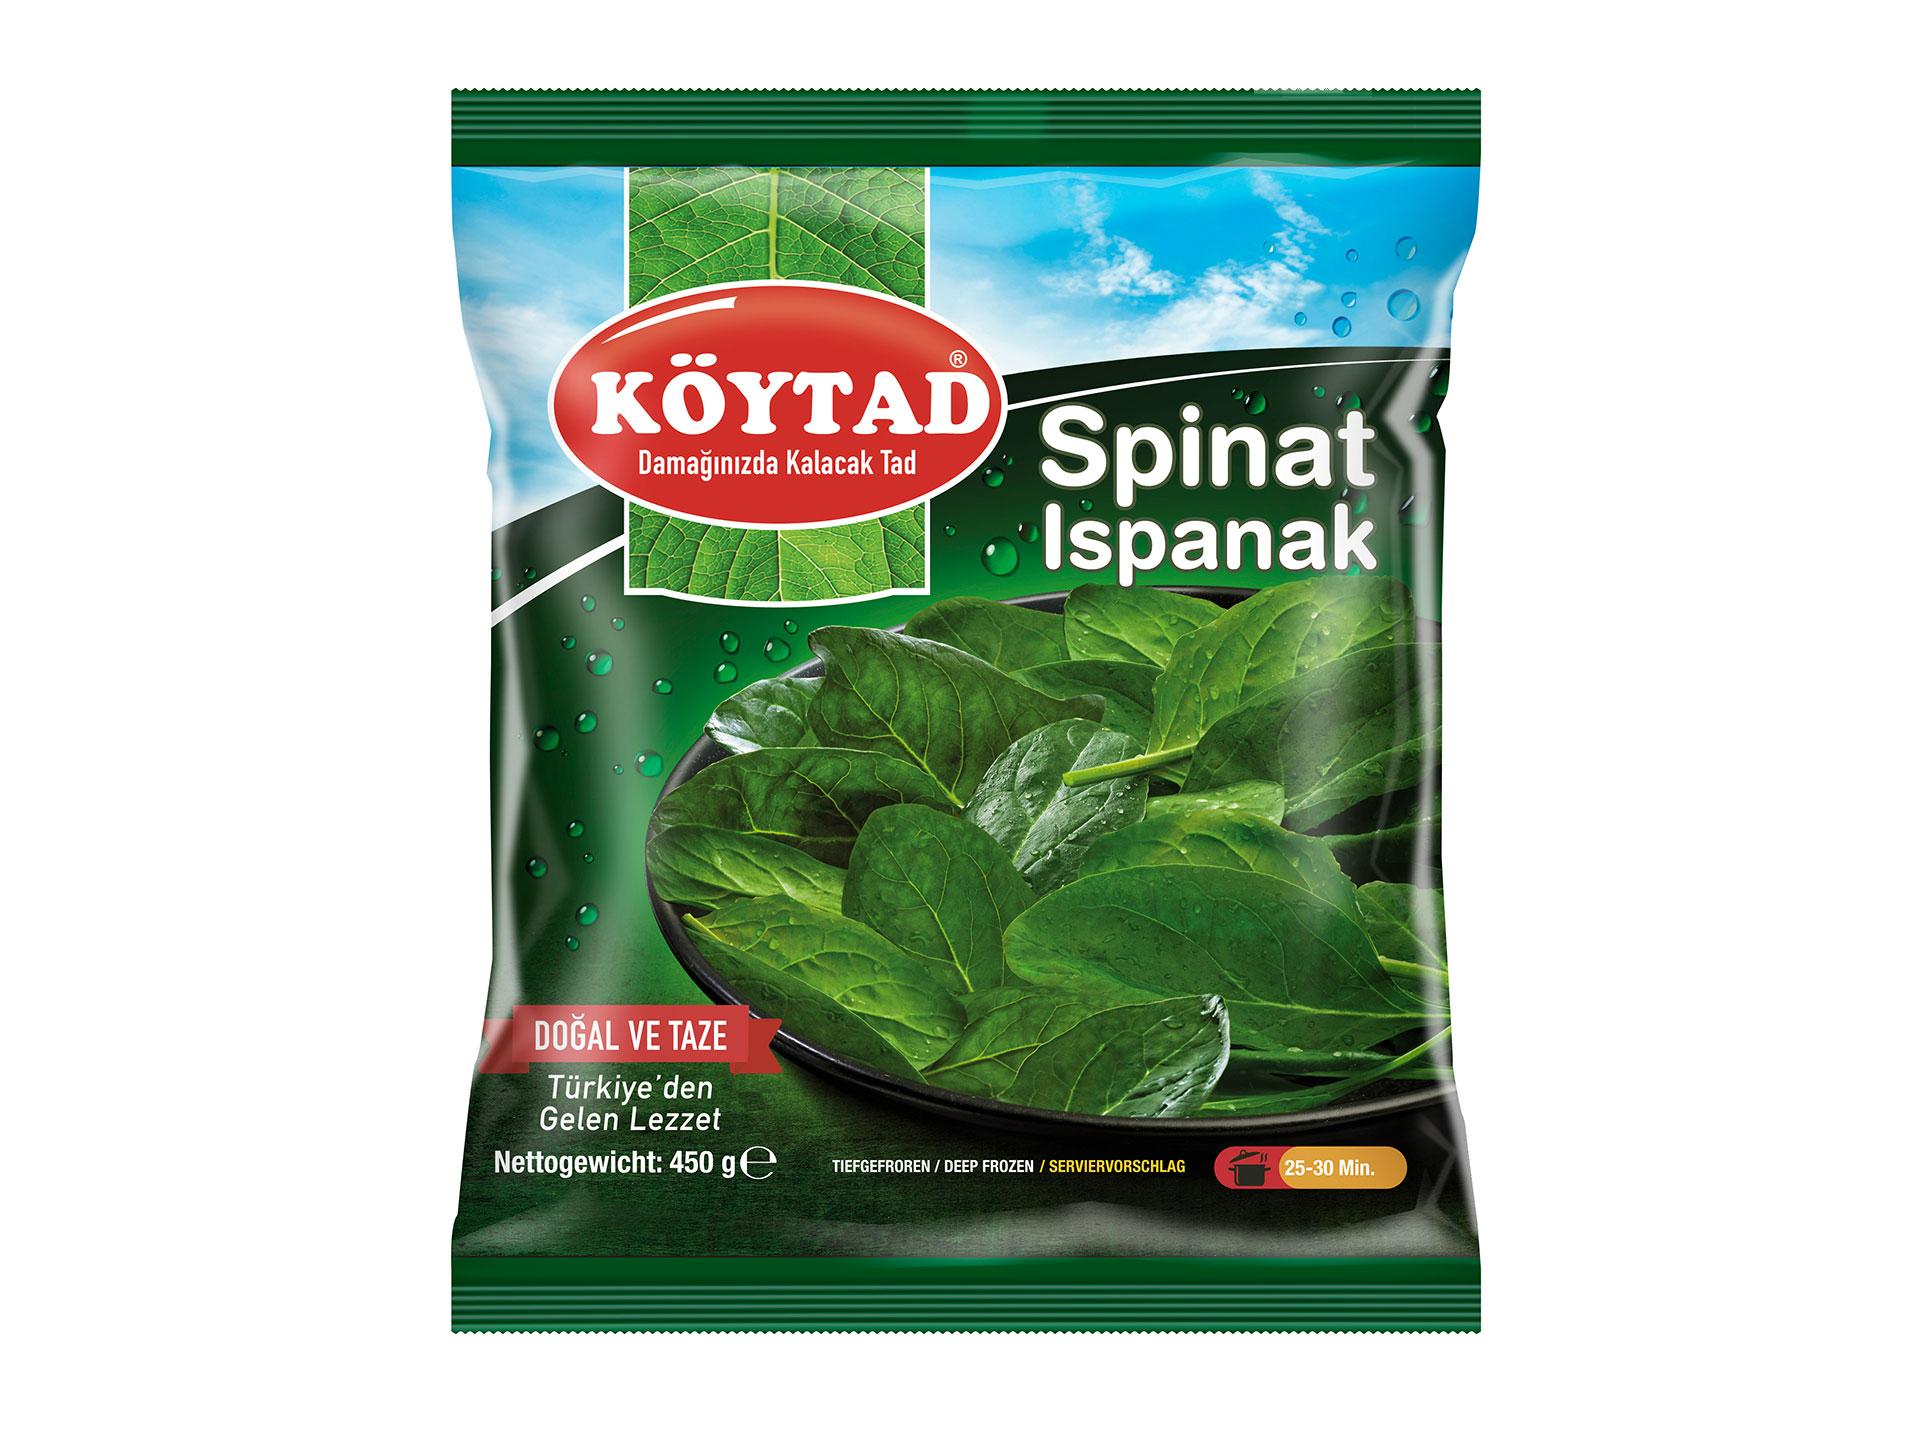 Spinat-Vorne